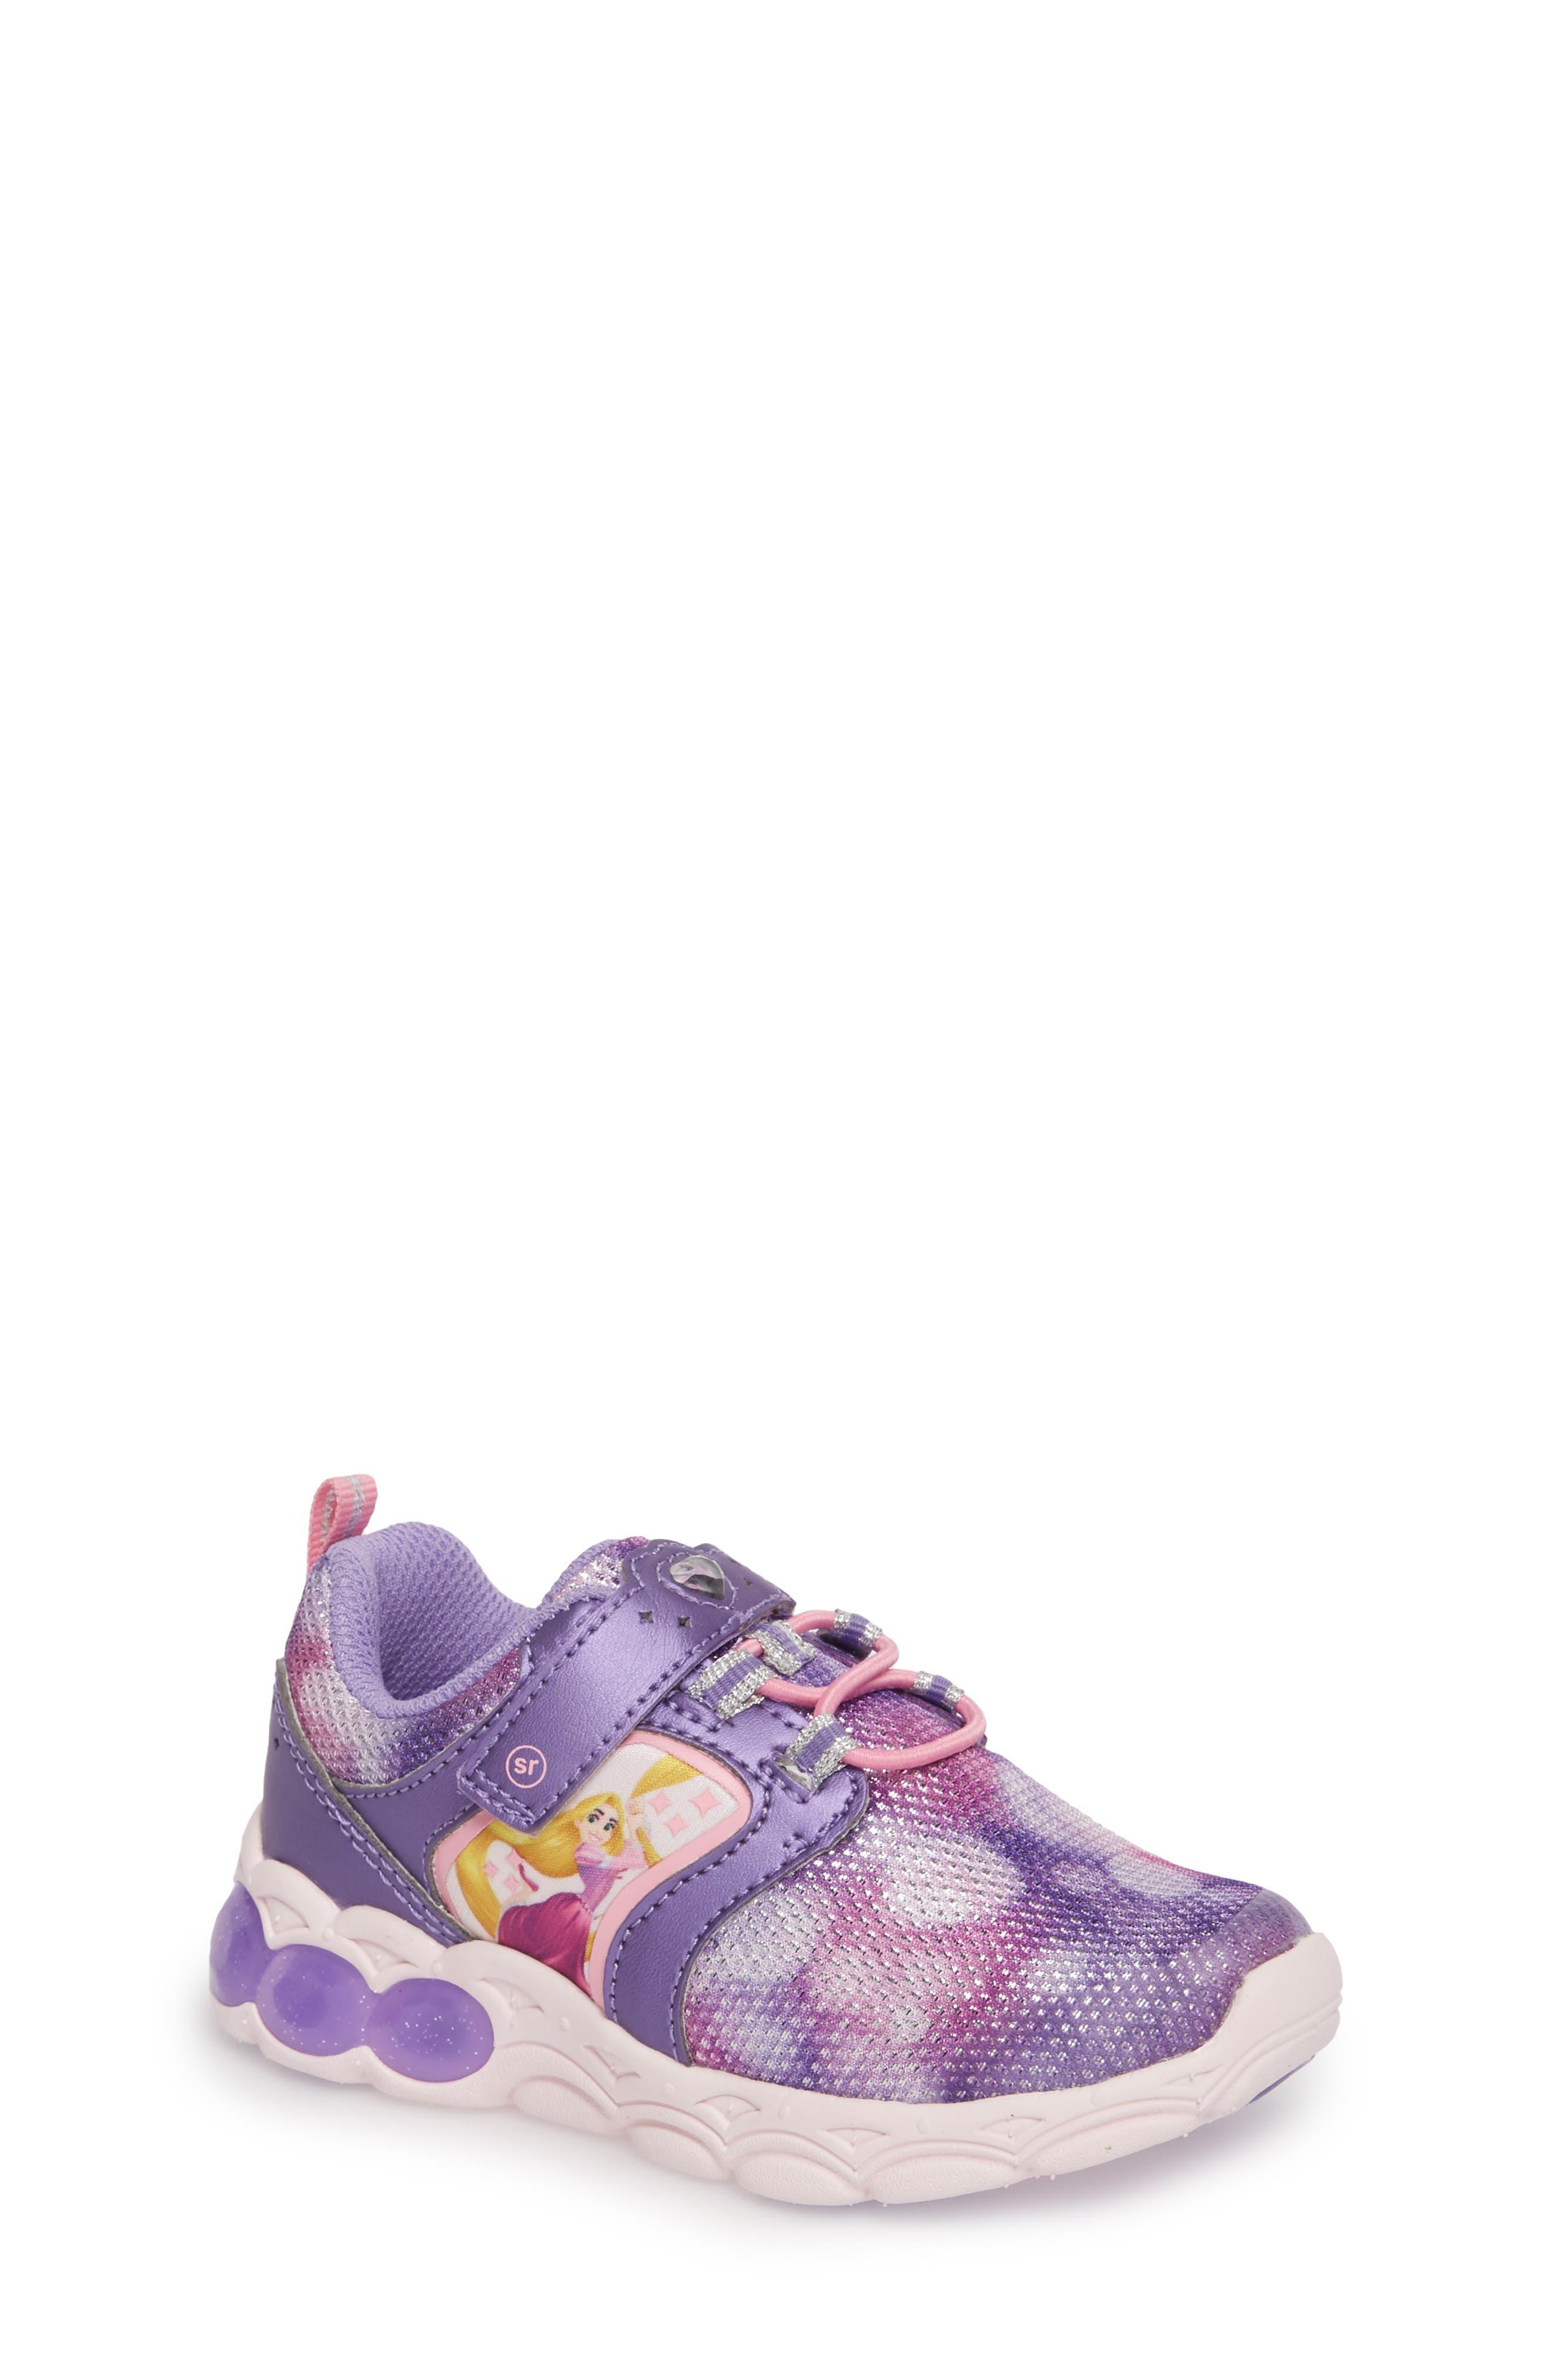 Disney<sup>®</sup> Rapunzel Adventurer Sneaker,                             Main thumbnail 1, color,